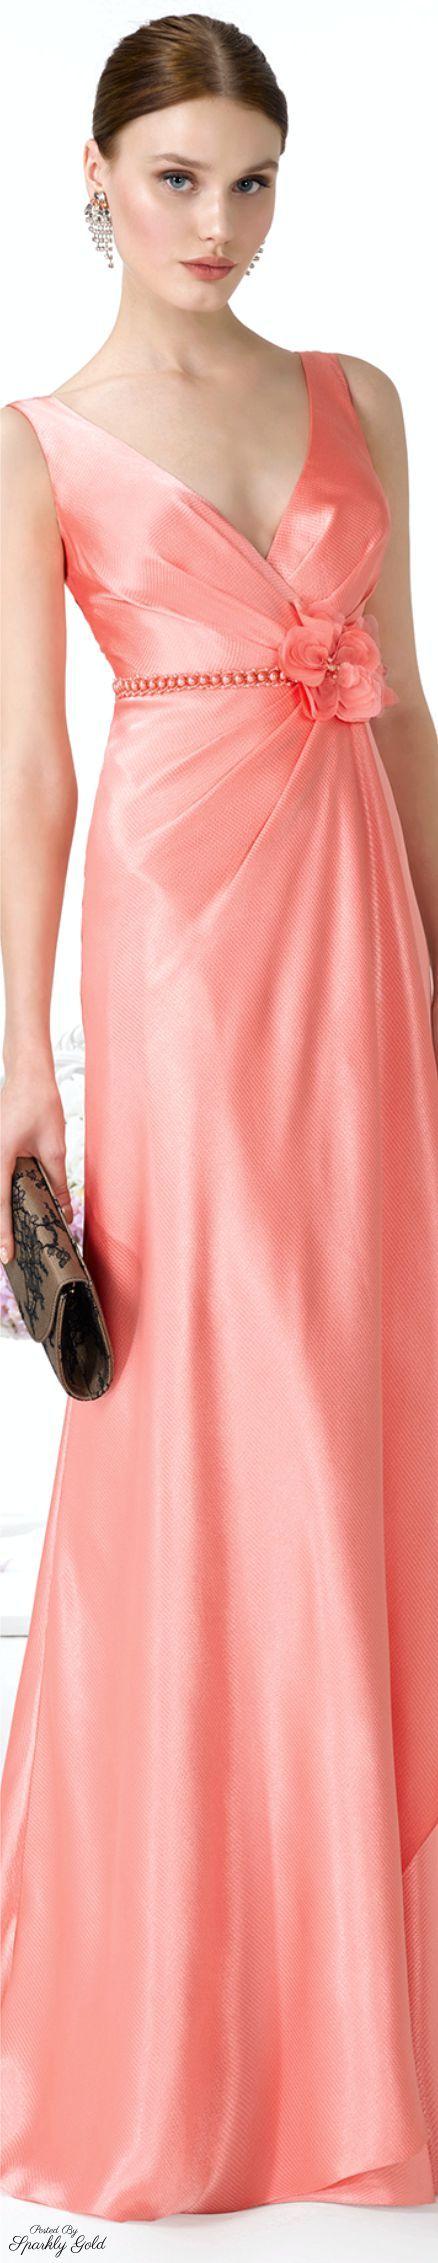 4597 best Vestidos de Fiesta images on Pinterest